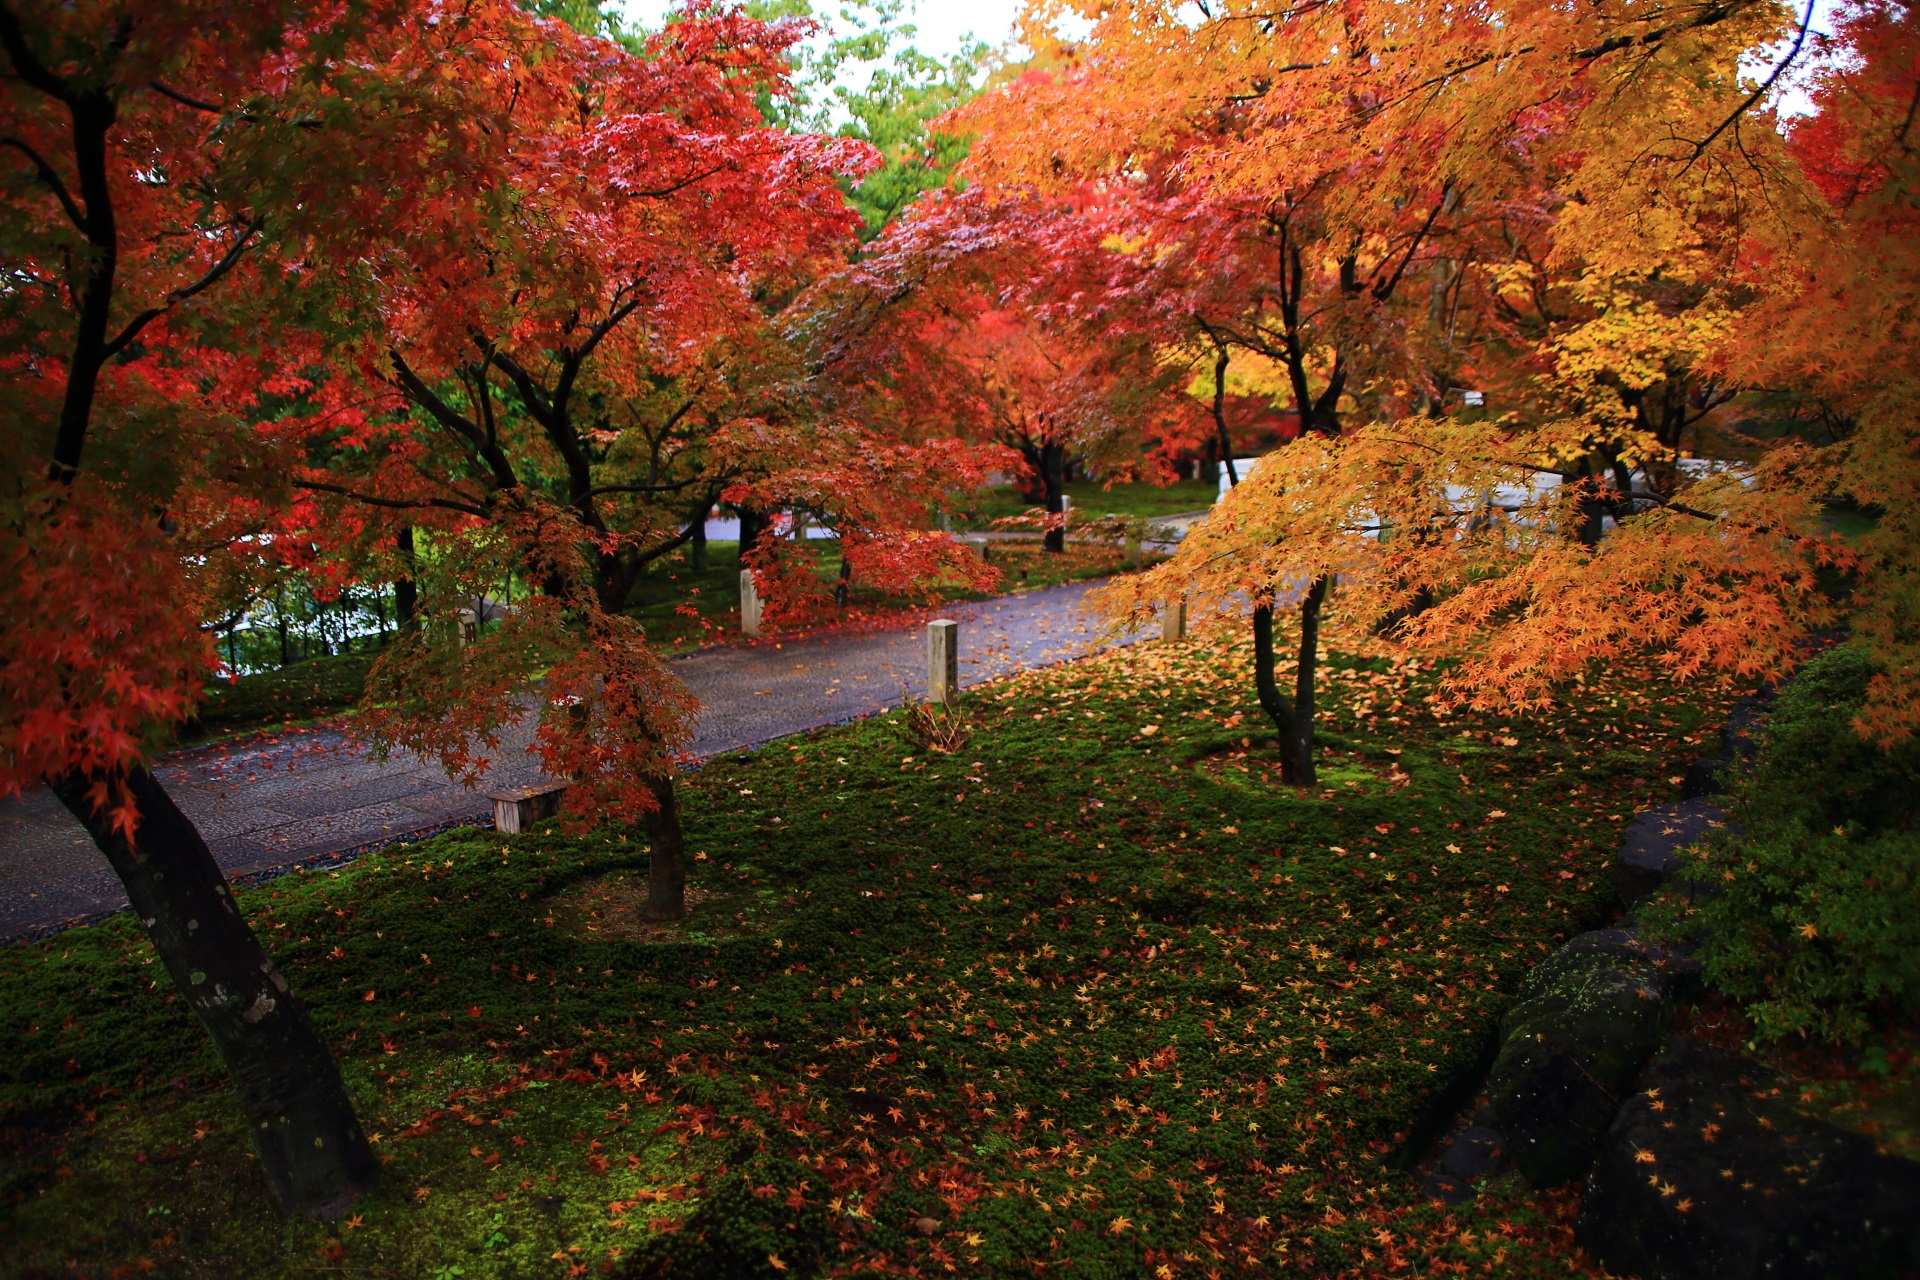 緑の苔を華やぐ赤や黄や橙色などの多彩な紅葉と散りもみじ